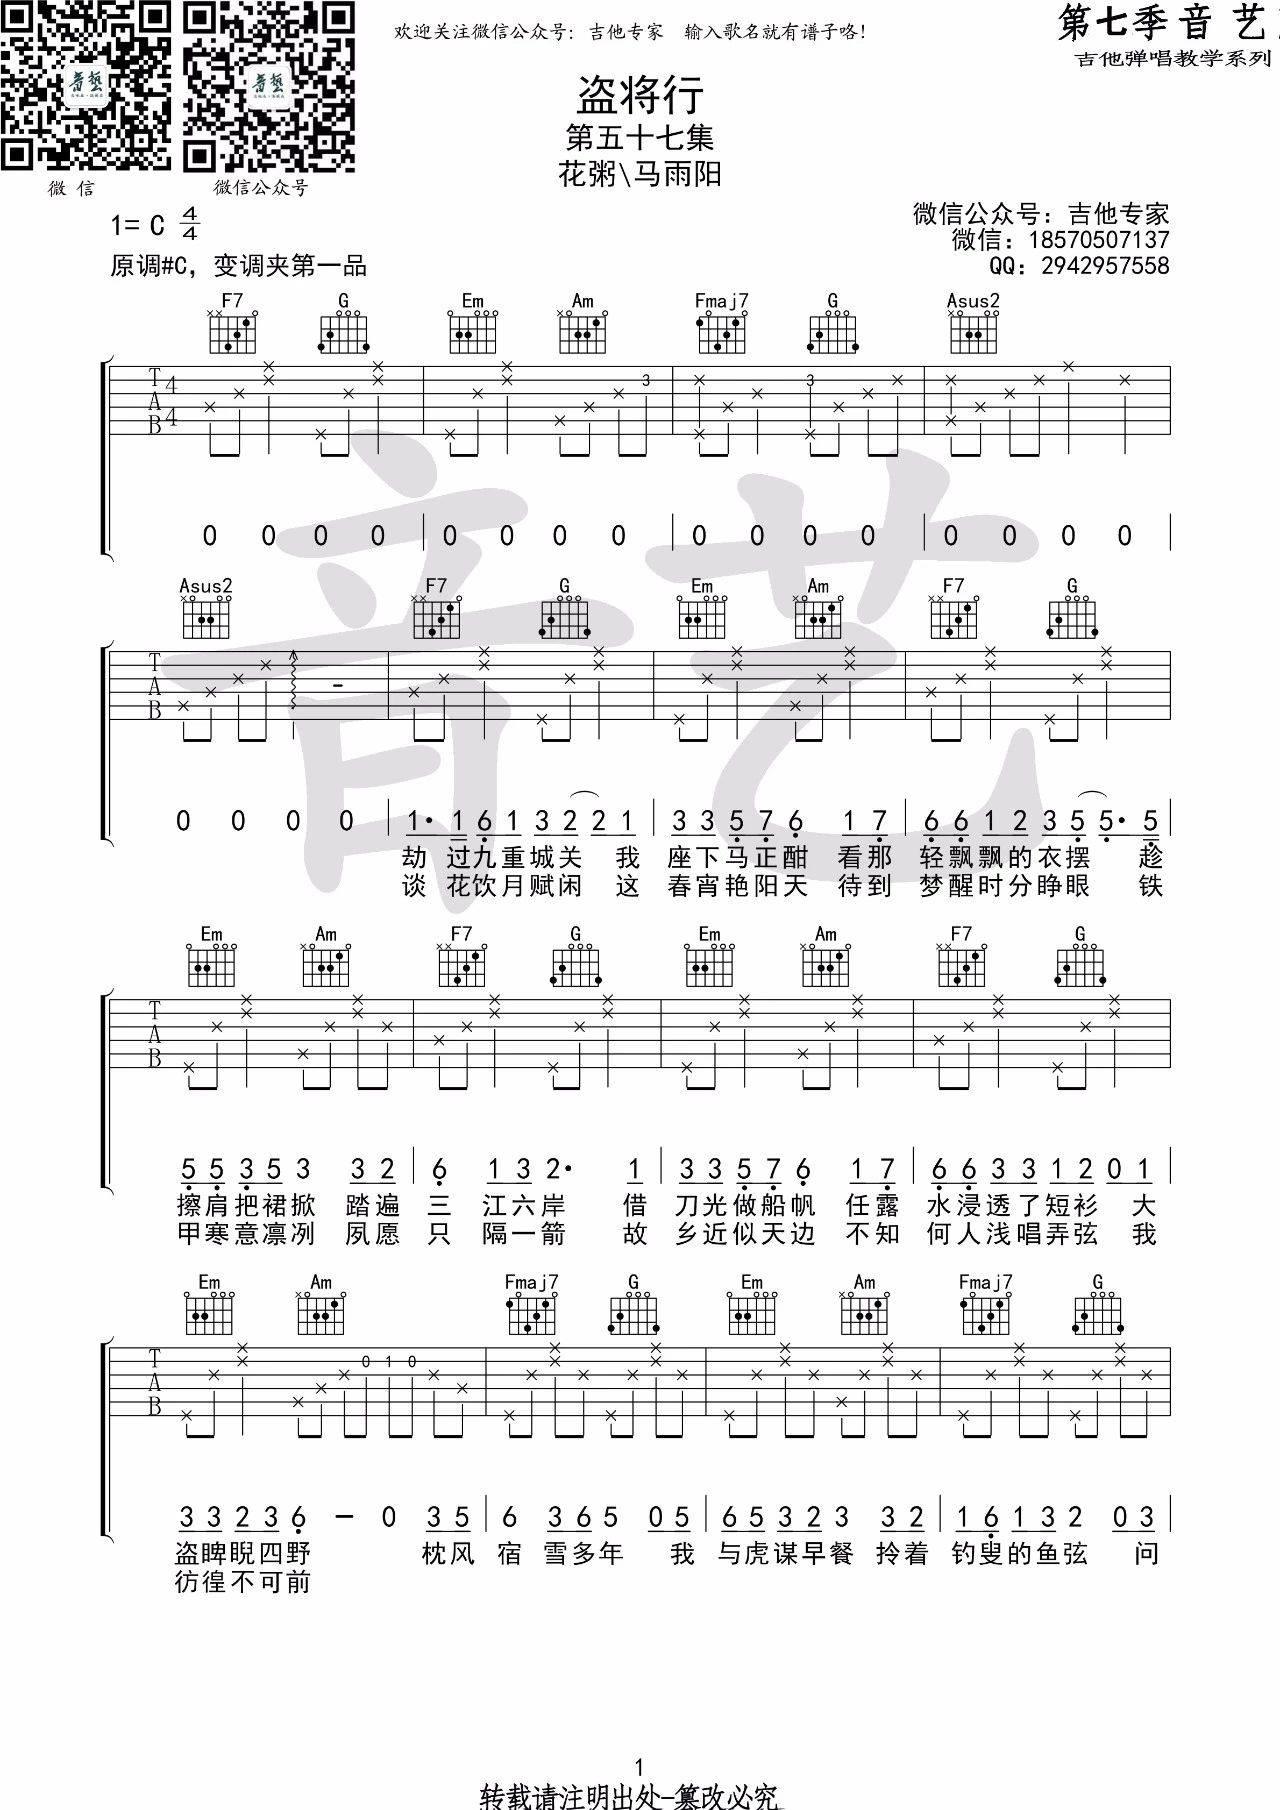 吉他派《盗将行》吉他谱吉他专家版-1